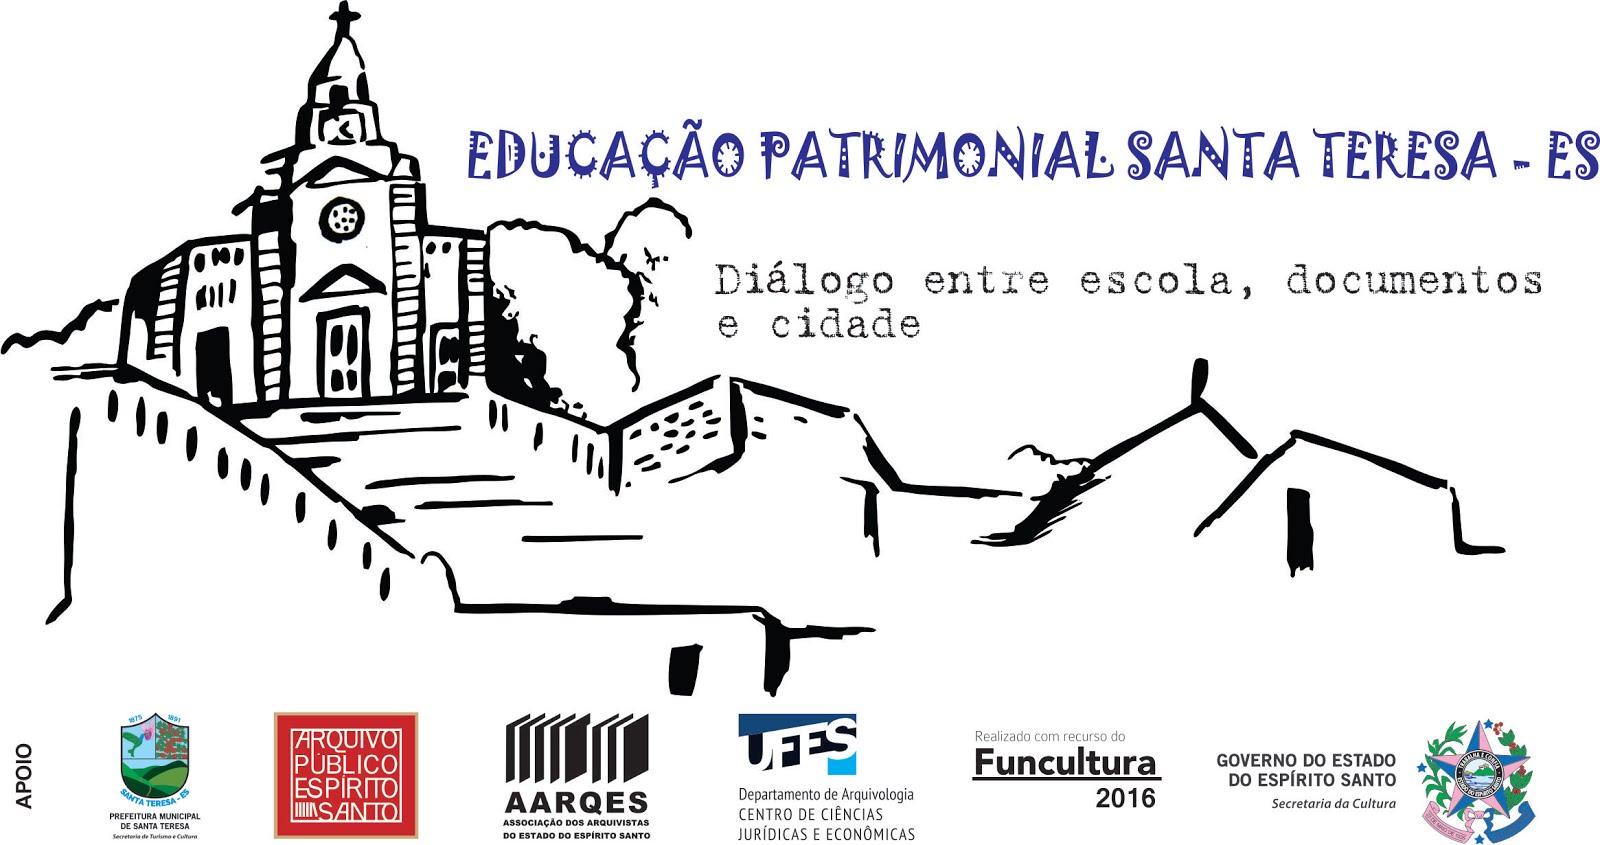 Educação Patrimonial Santa Teresa